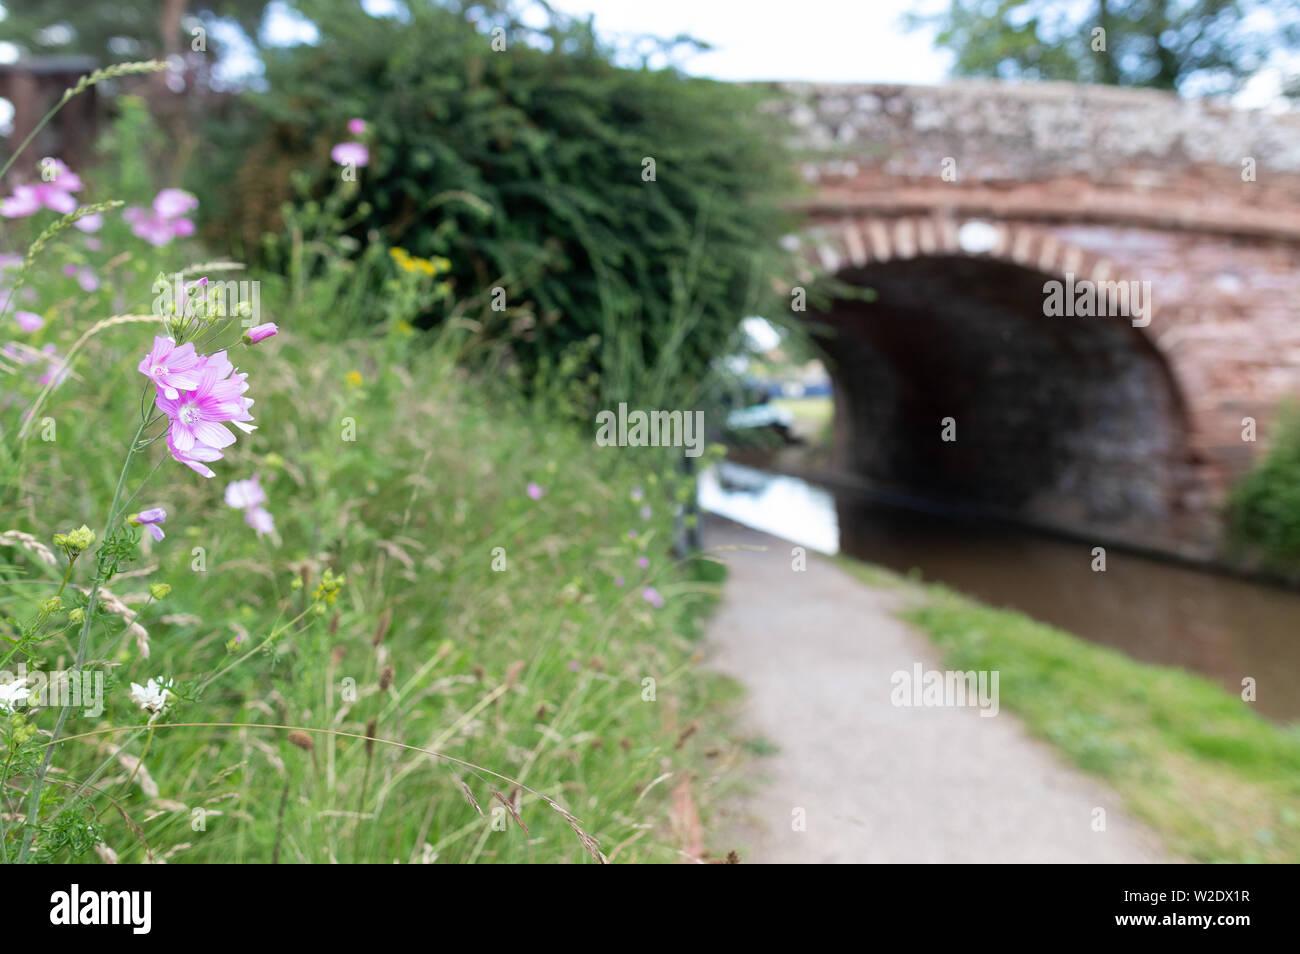 Vistas a lo largo de la Shropshire Union Canal cerca de Market Drayton en Shropshire, REINO UNIDO incluyendo puente puente 62 y 63 y el Talbot Wharf y barcazas Foto de stock